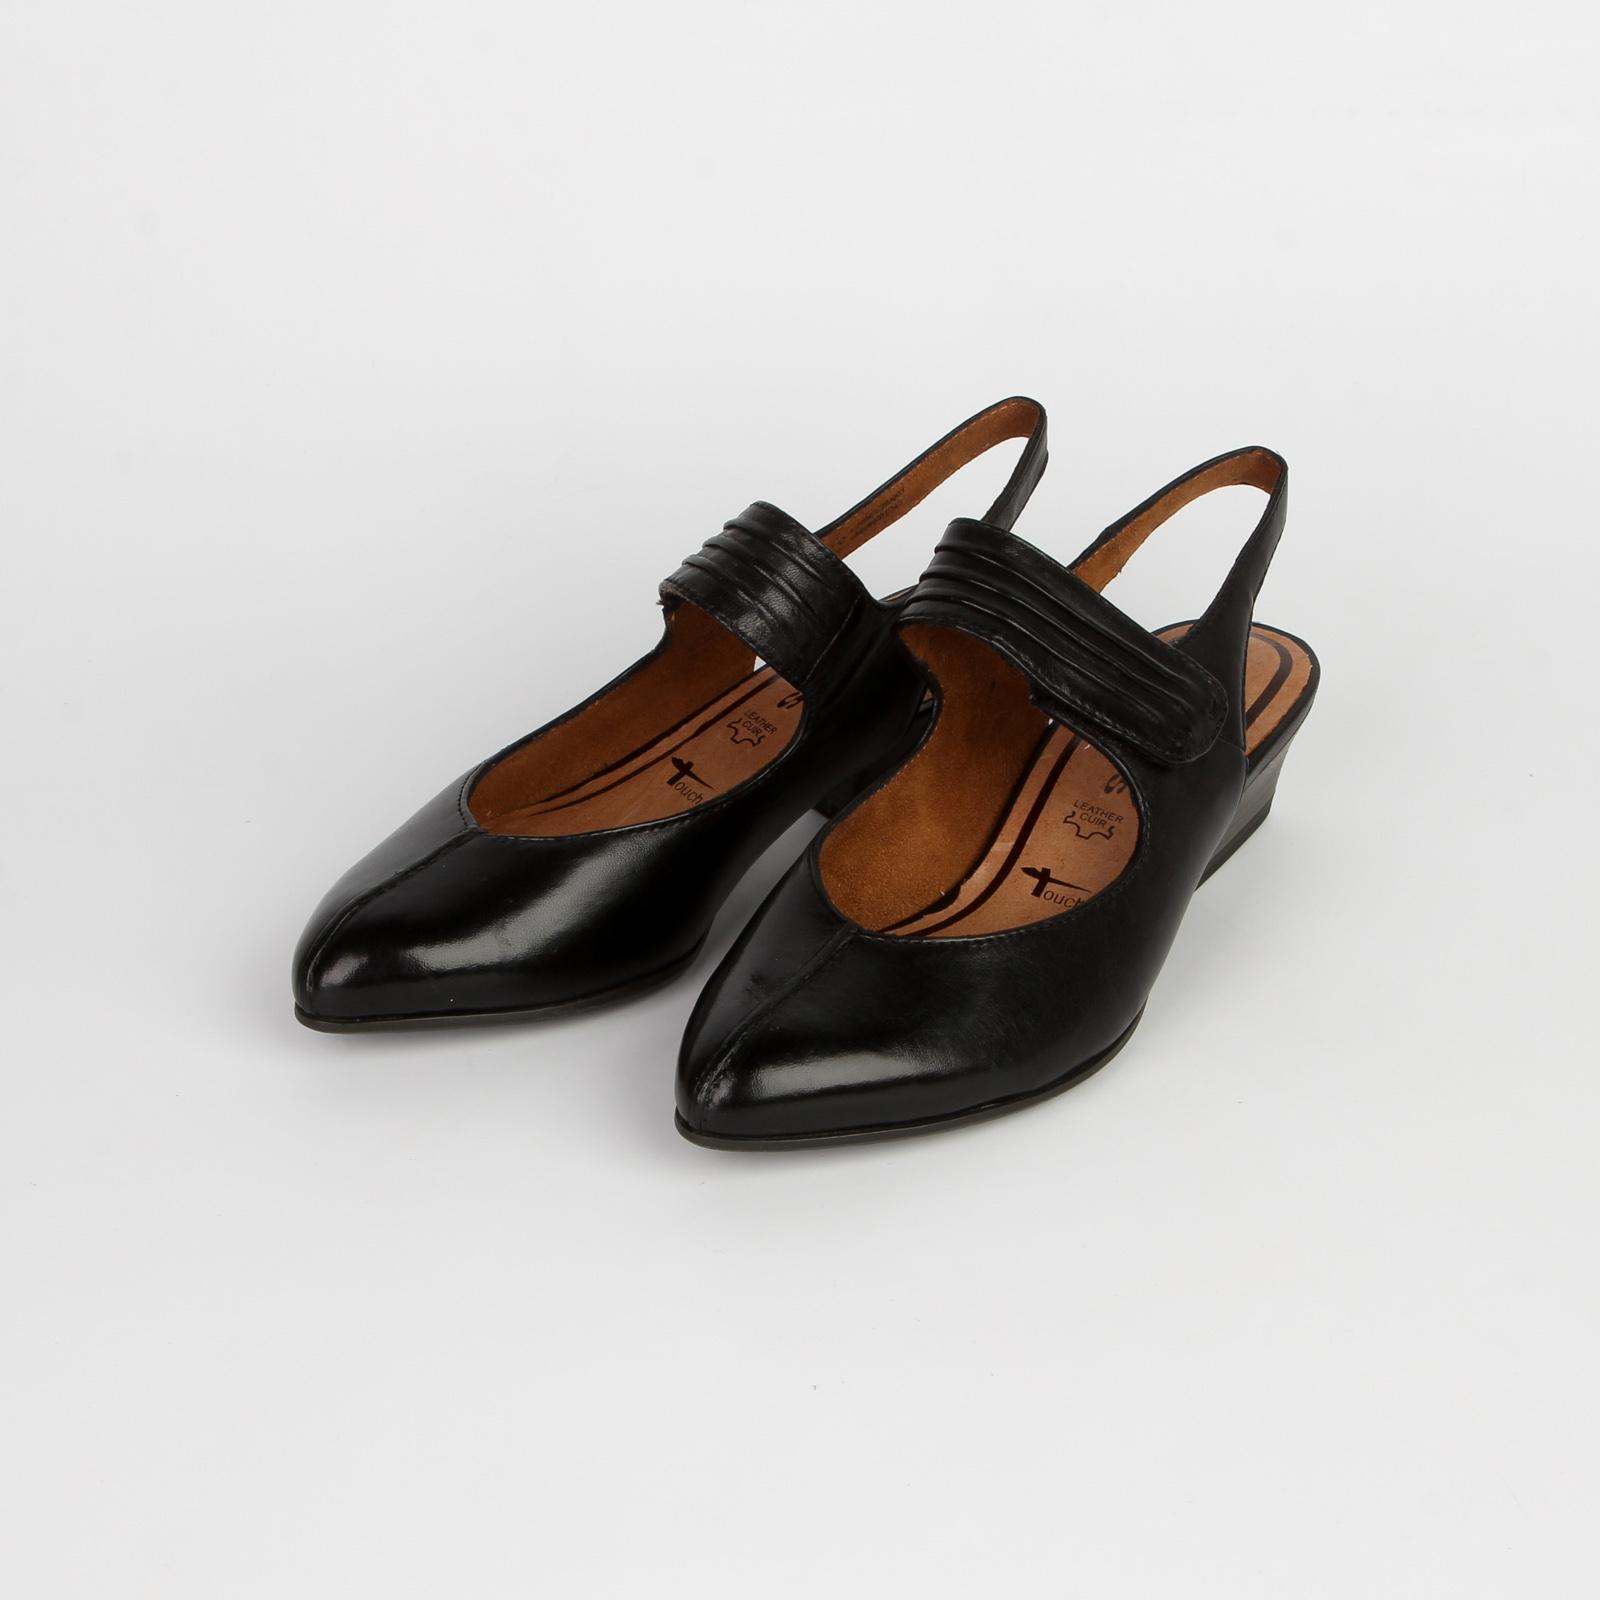 Туфли женские из натуральной кожи с заcтежкой-липучкой и открытым задником